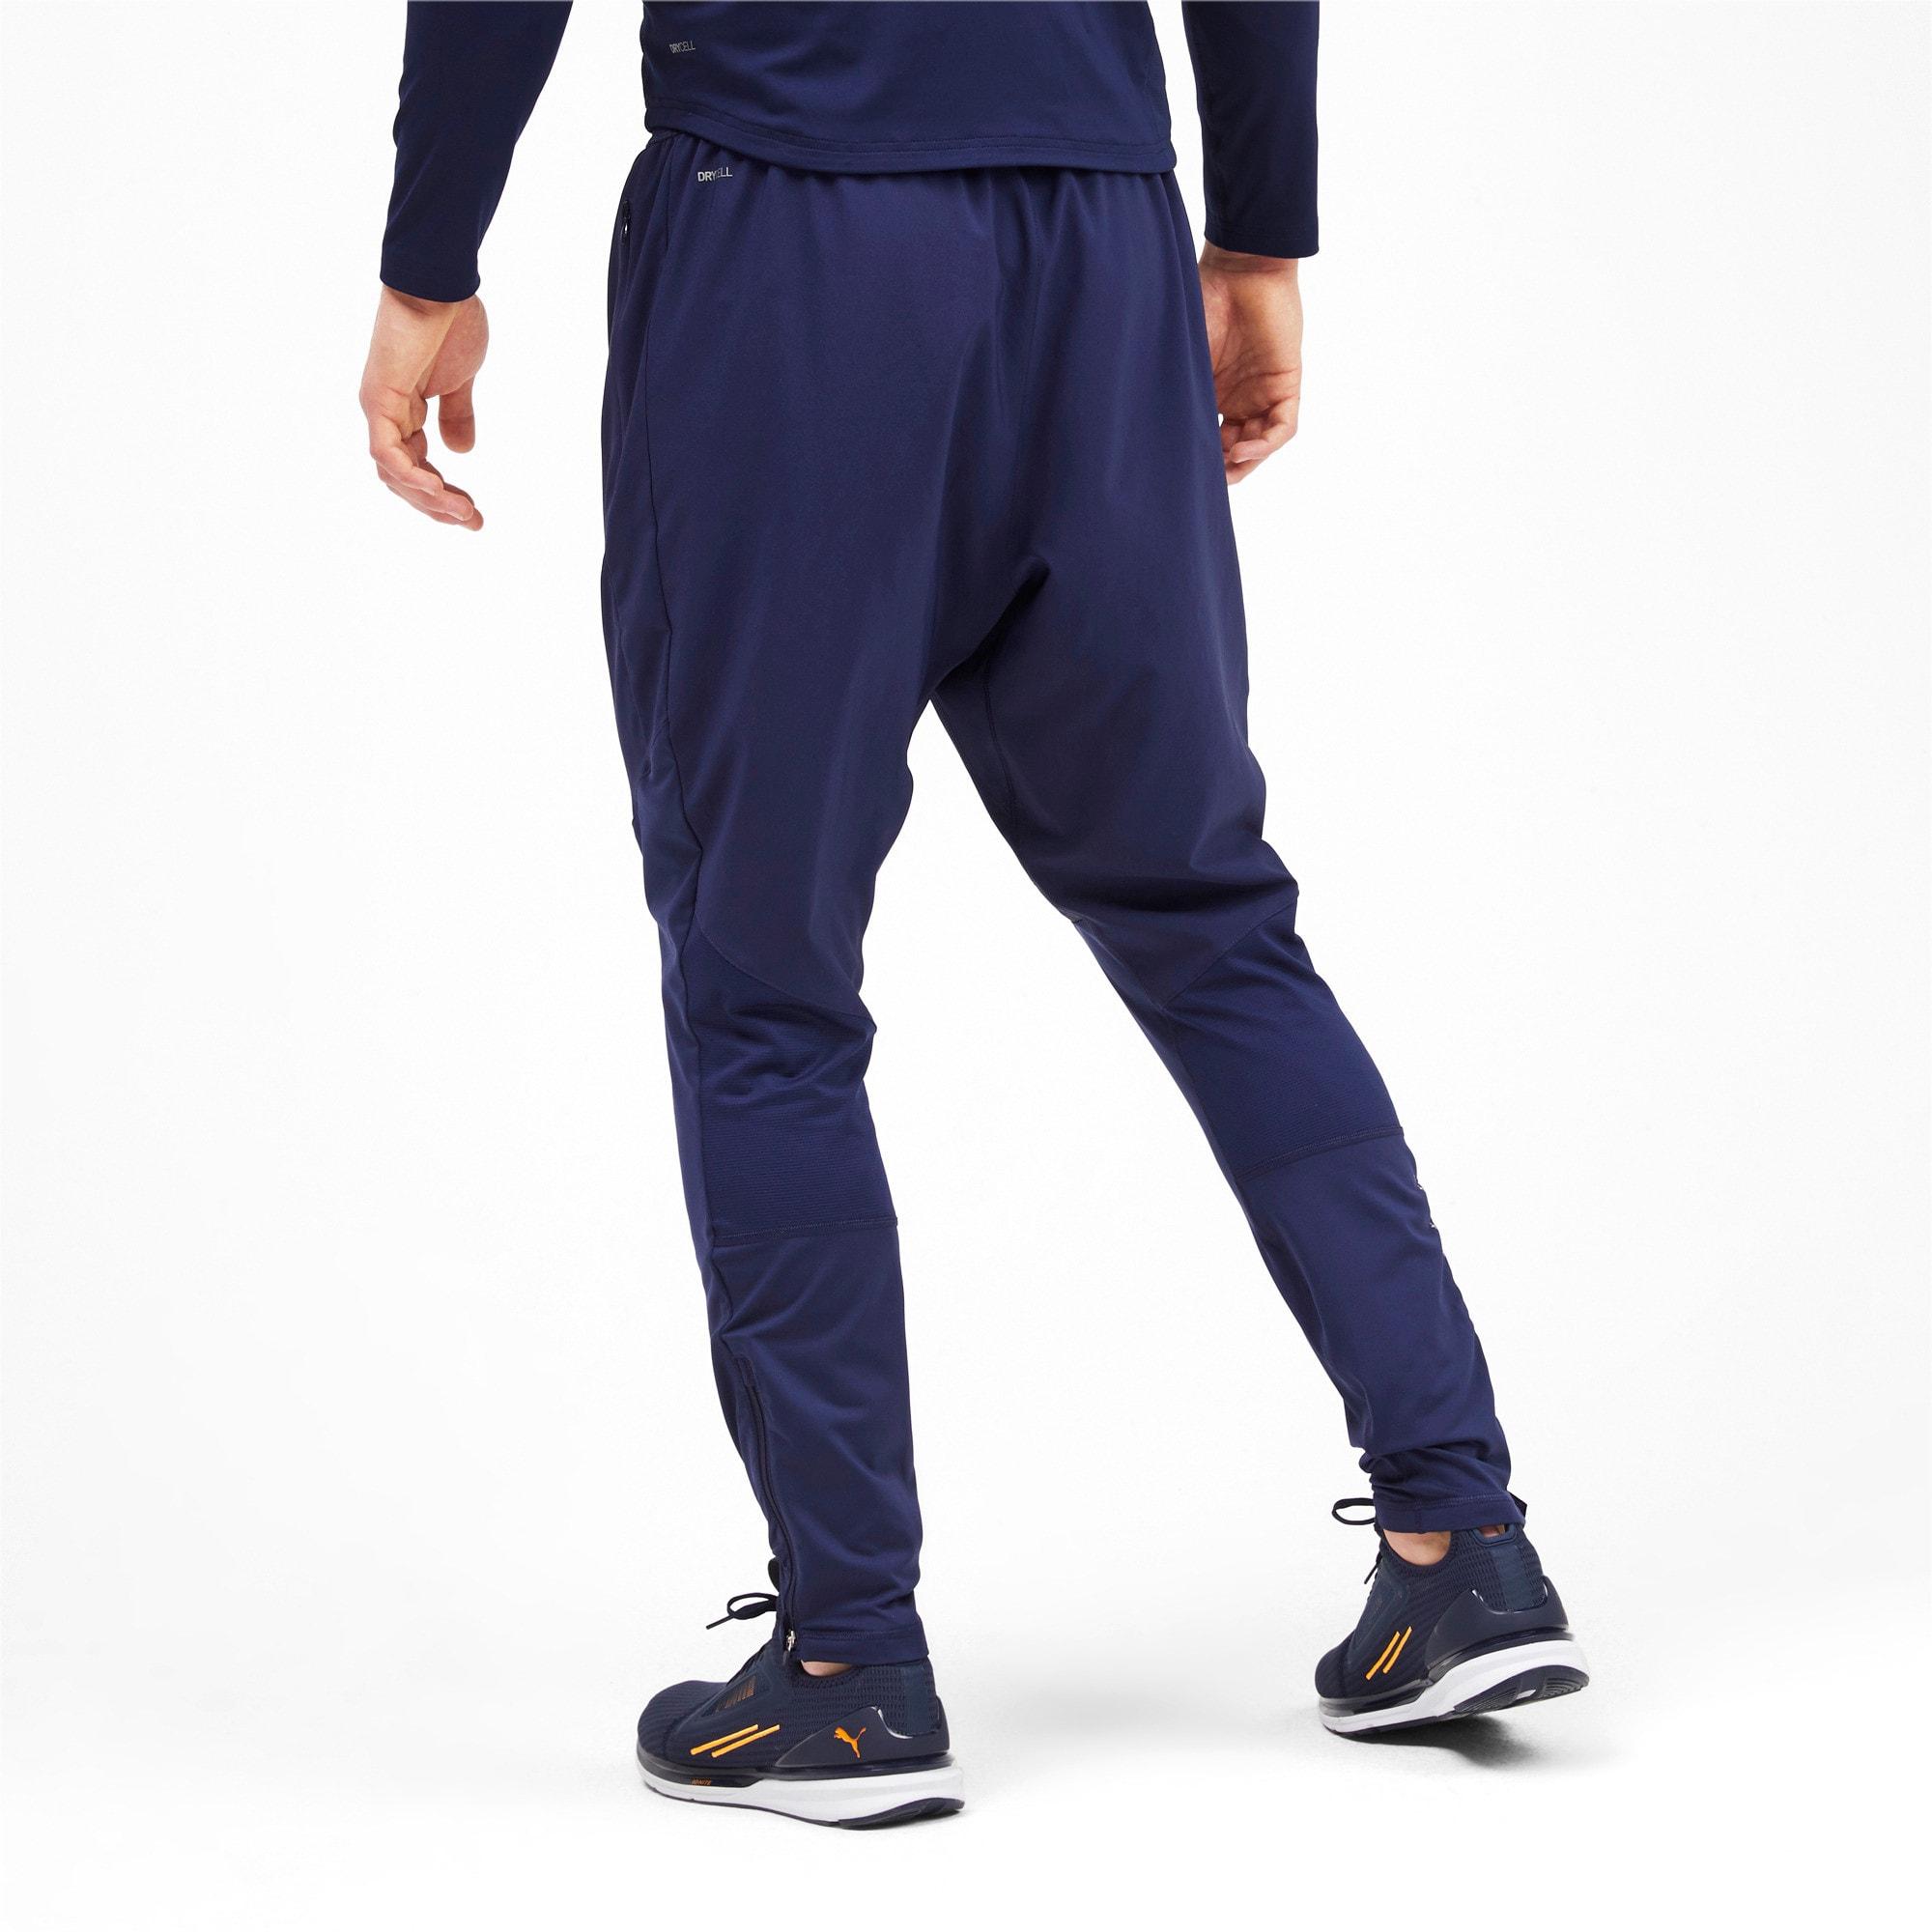 Thumbnail 2 van GetFast Excite sweatpants voor mannen, Nachtblauw, medium